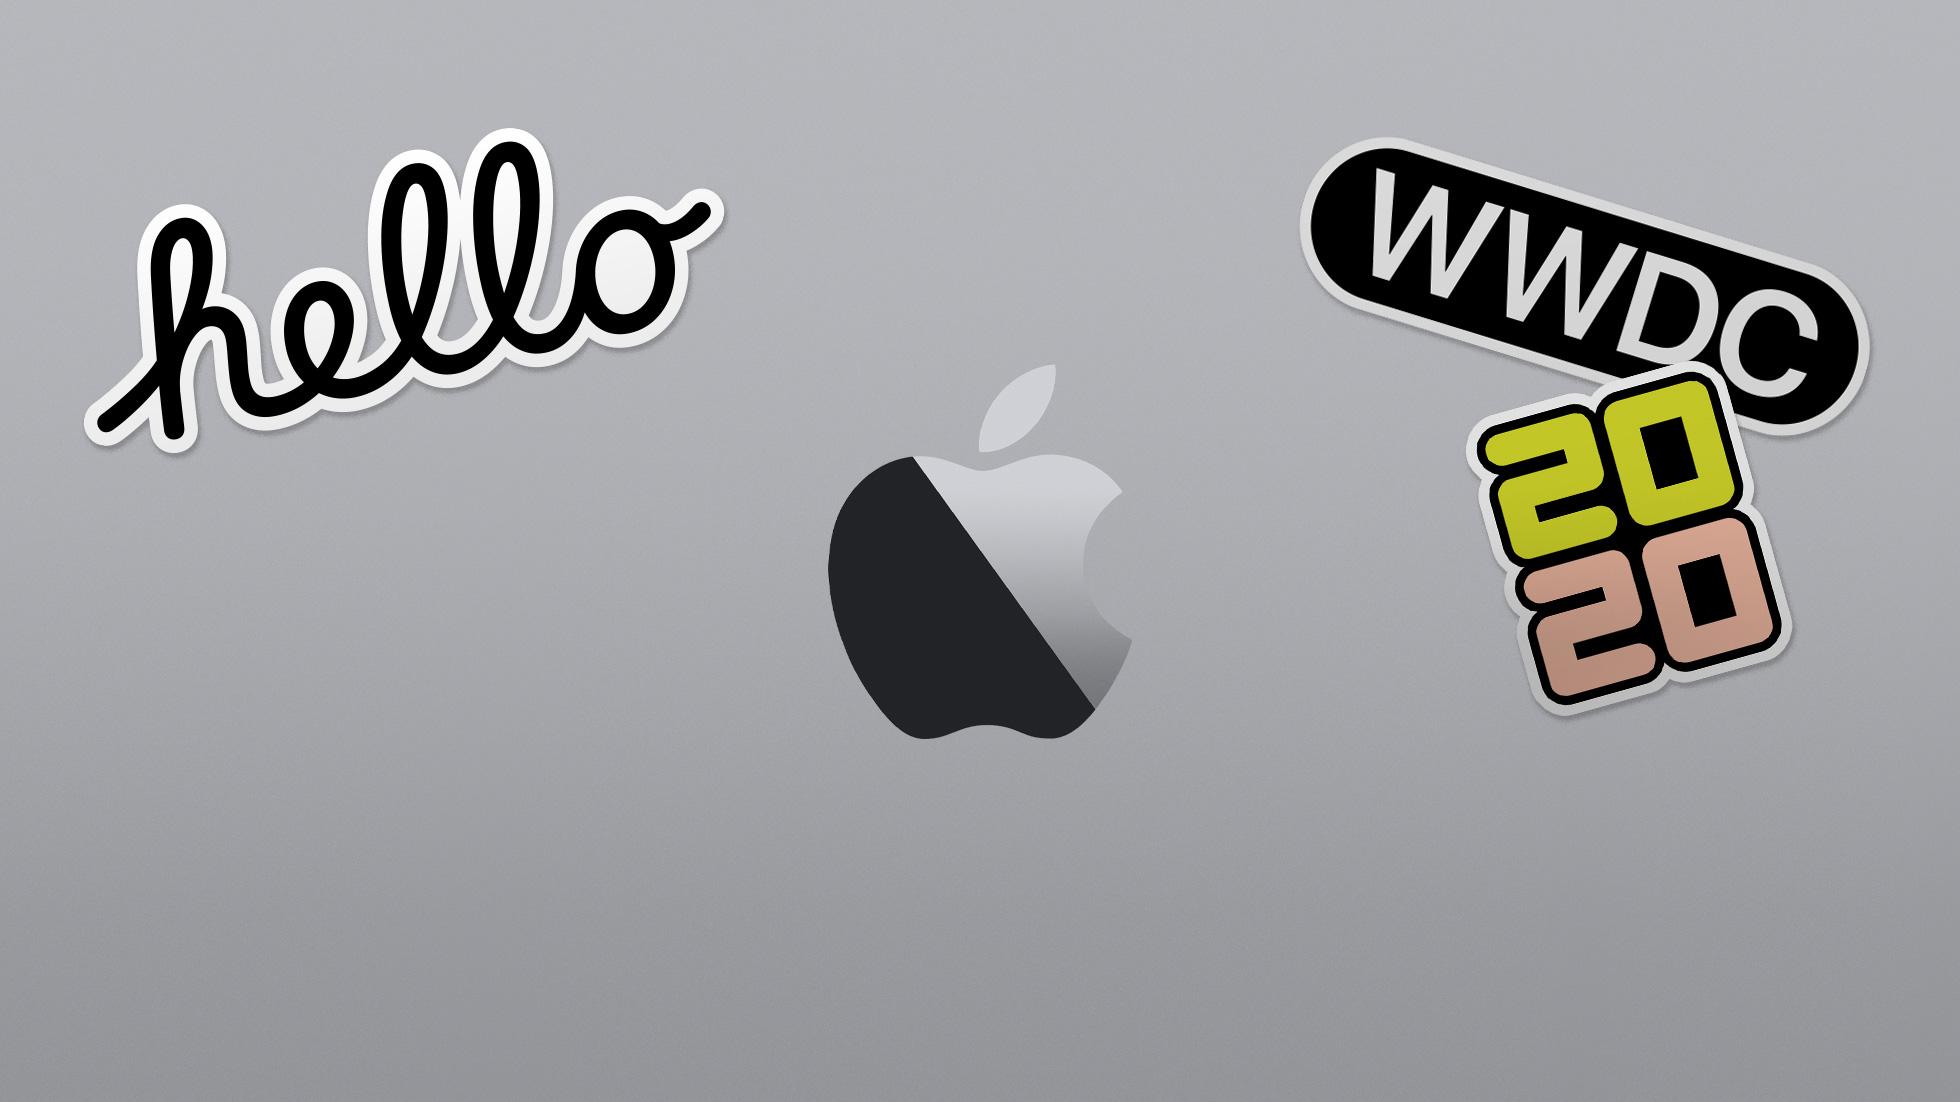 Apple_wwdc2020_03132020.jpg